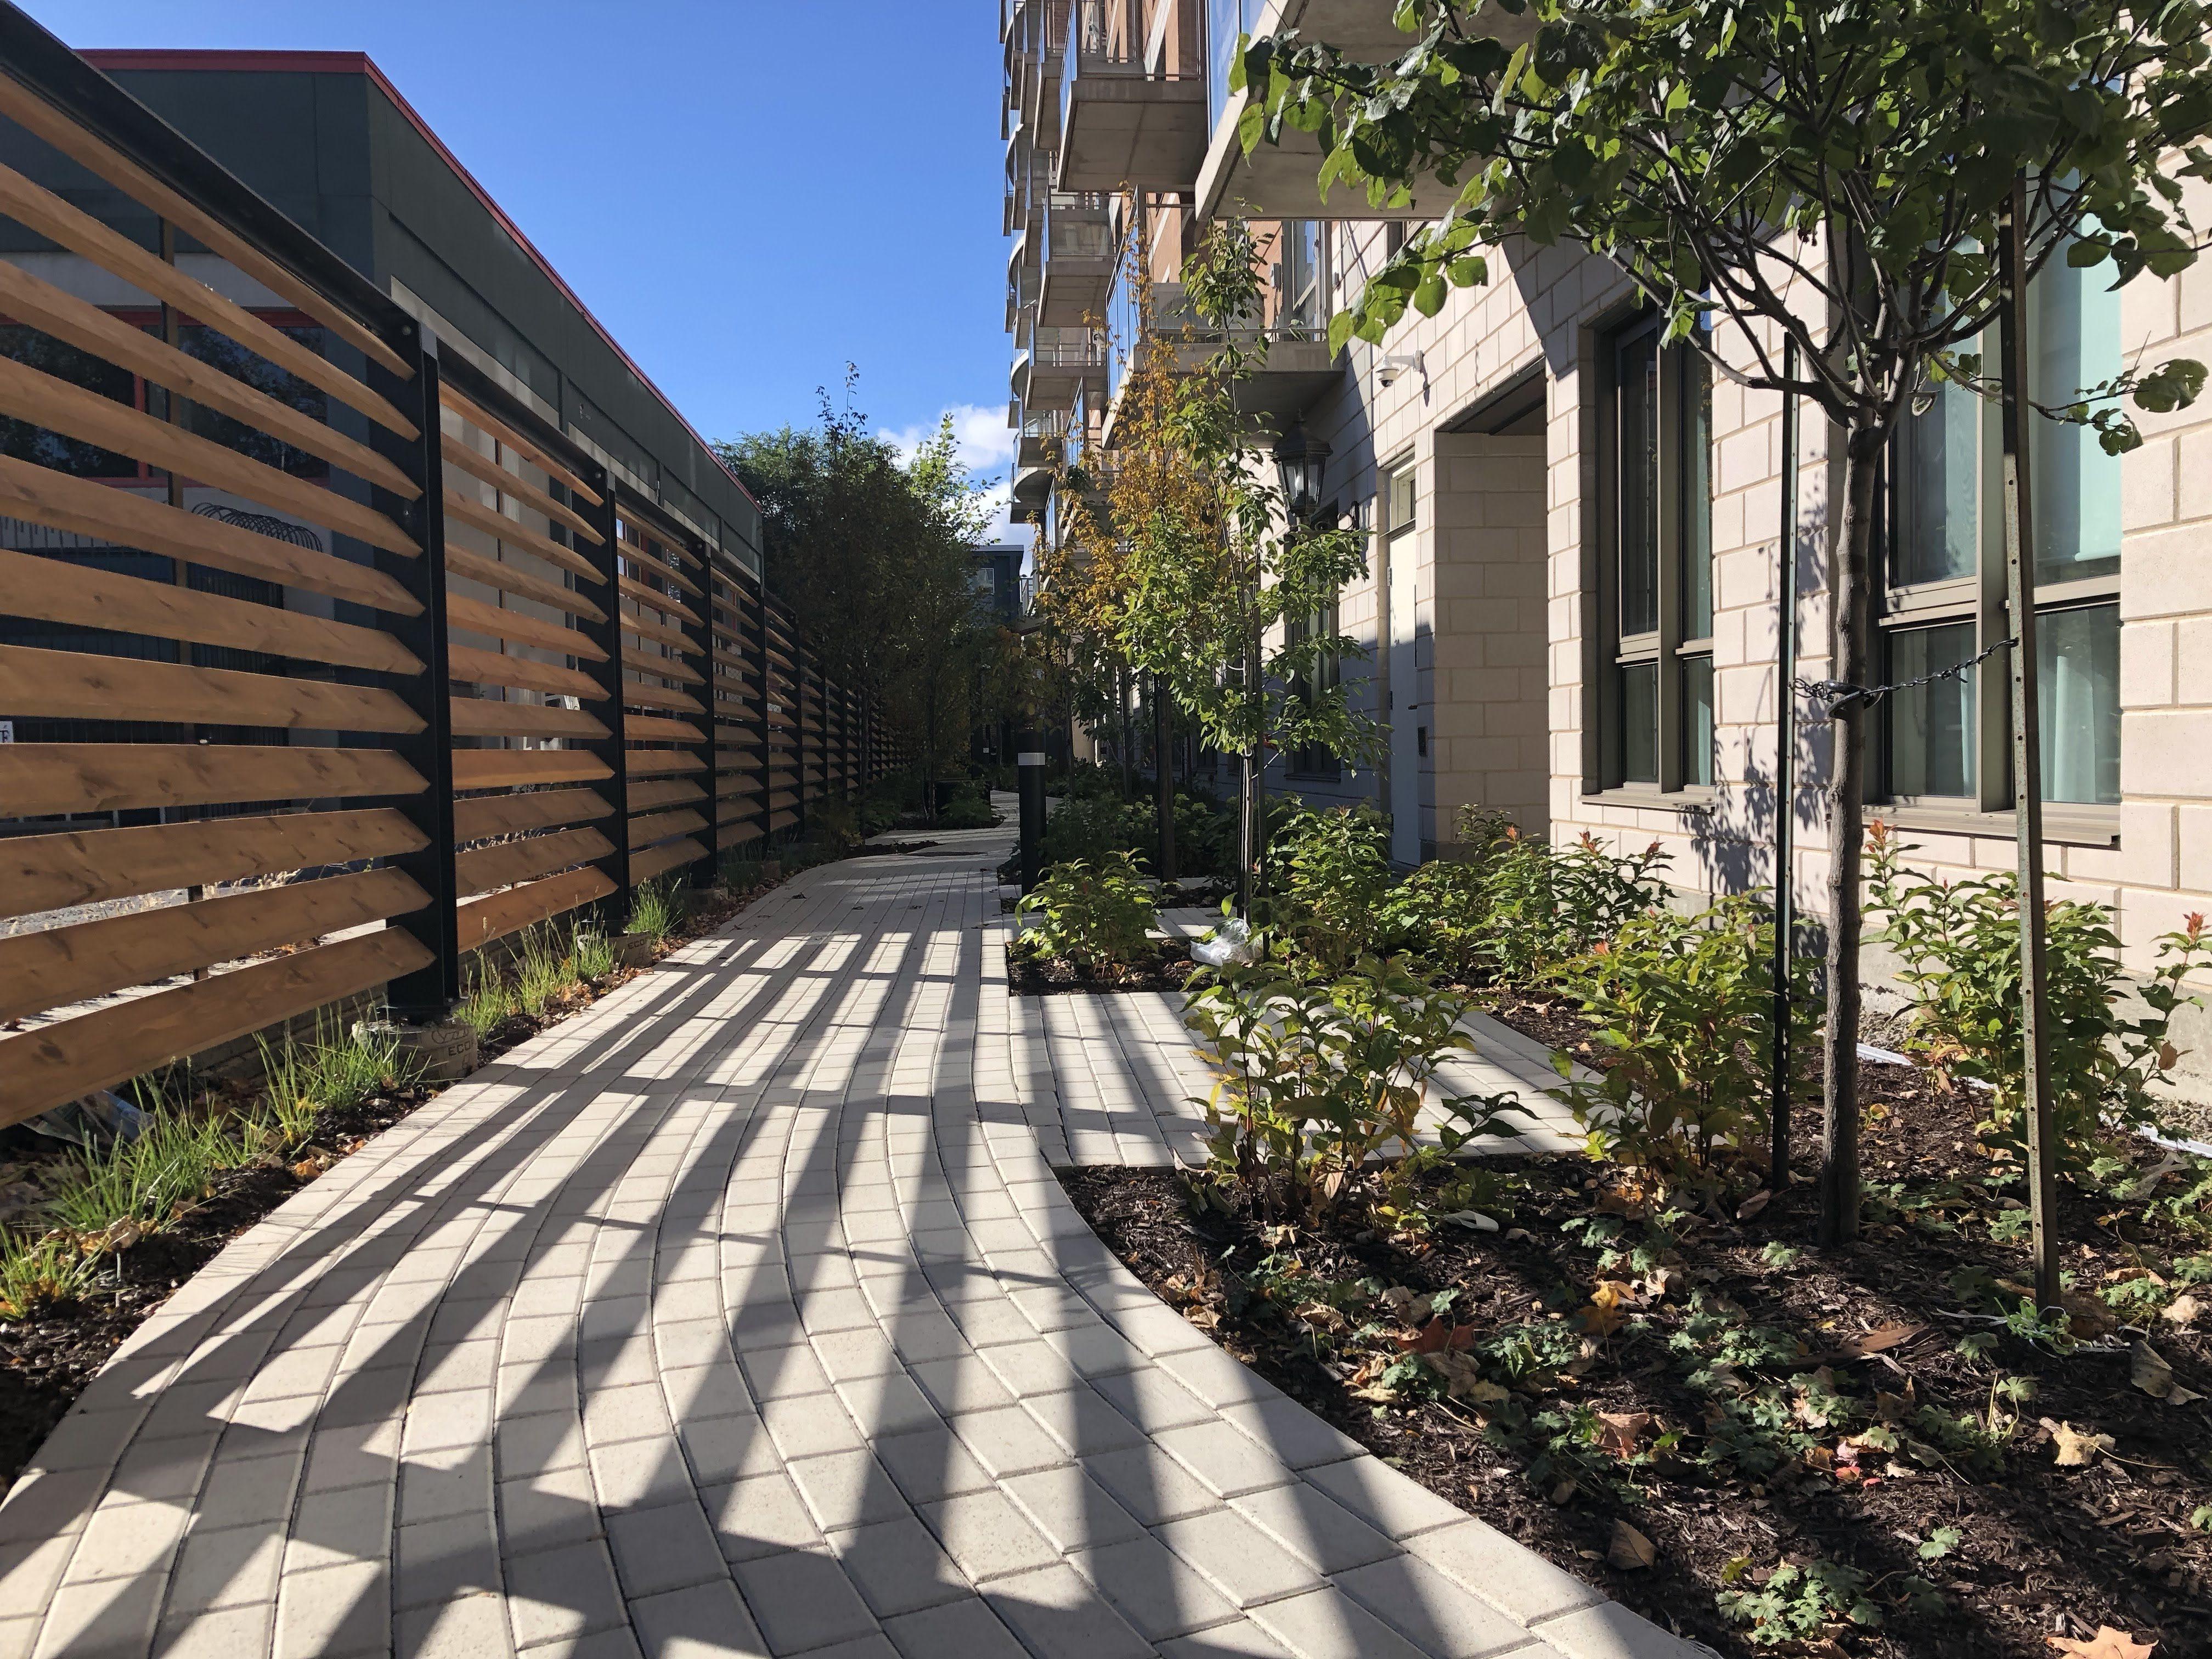 amenagement-paysager-residence-pour-aines-sentier-sinueux-en-pave-de-beton-plantation-d-arbres-a-petit-deployement-ecran-d-intimite